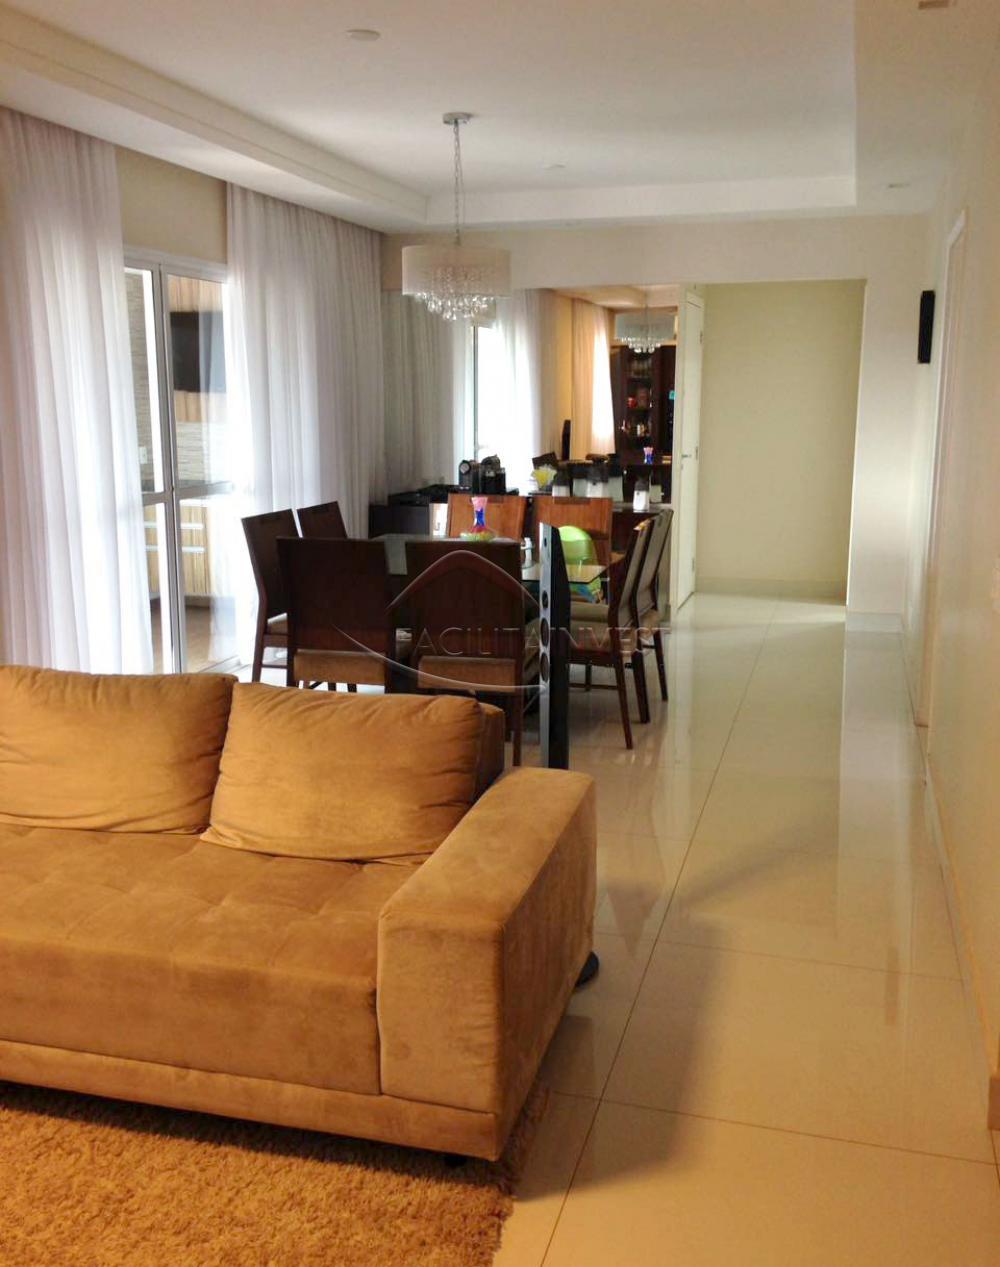 Comprar Apartamentos / Apart. Padrão em Ribeirão Preto apenas R$ 730.000,00 - Foto 2